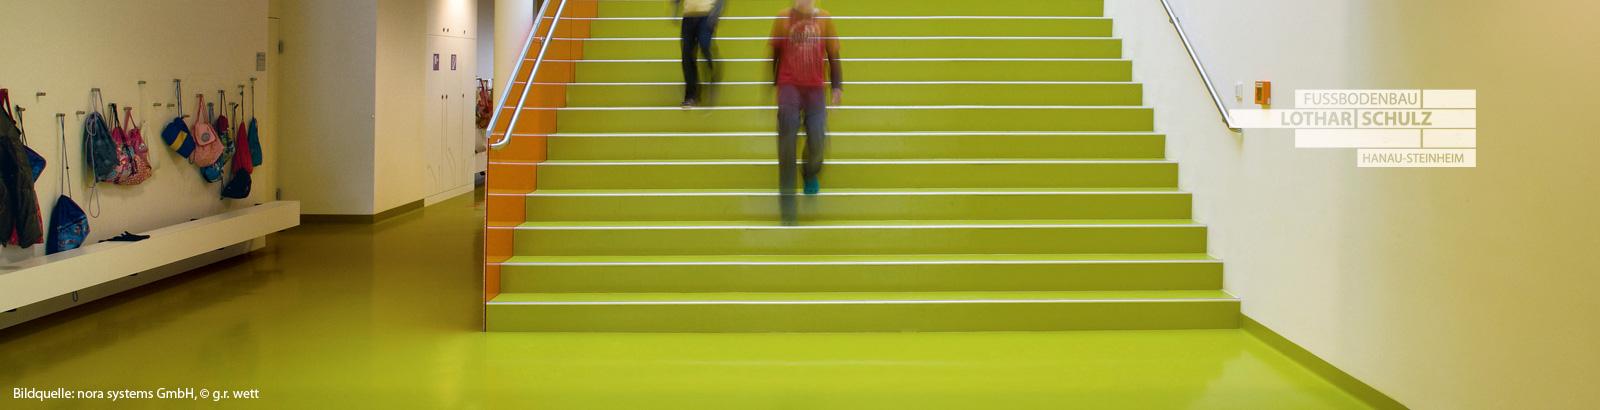 Linoleum farben  Materialeigenschaften von Linoleum - Fussbodenbau Lothar Schulz ...